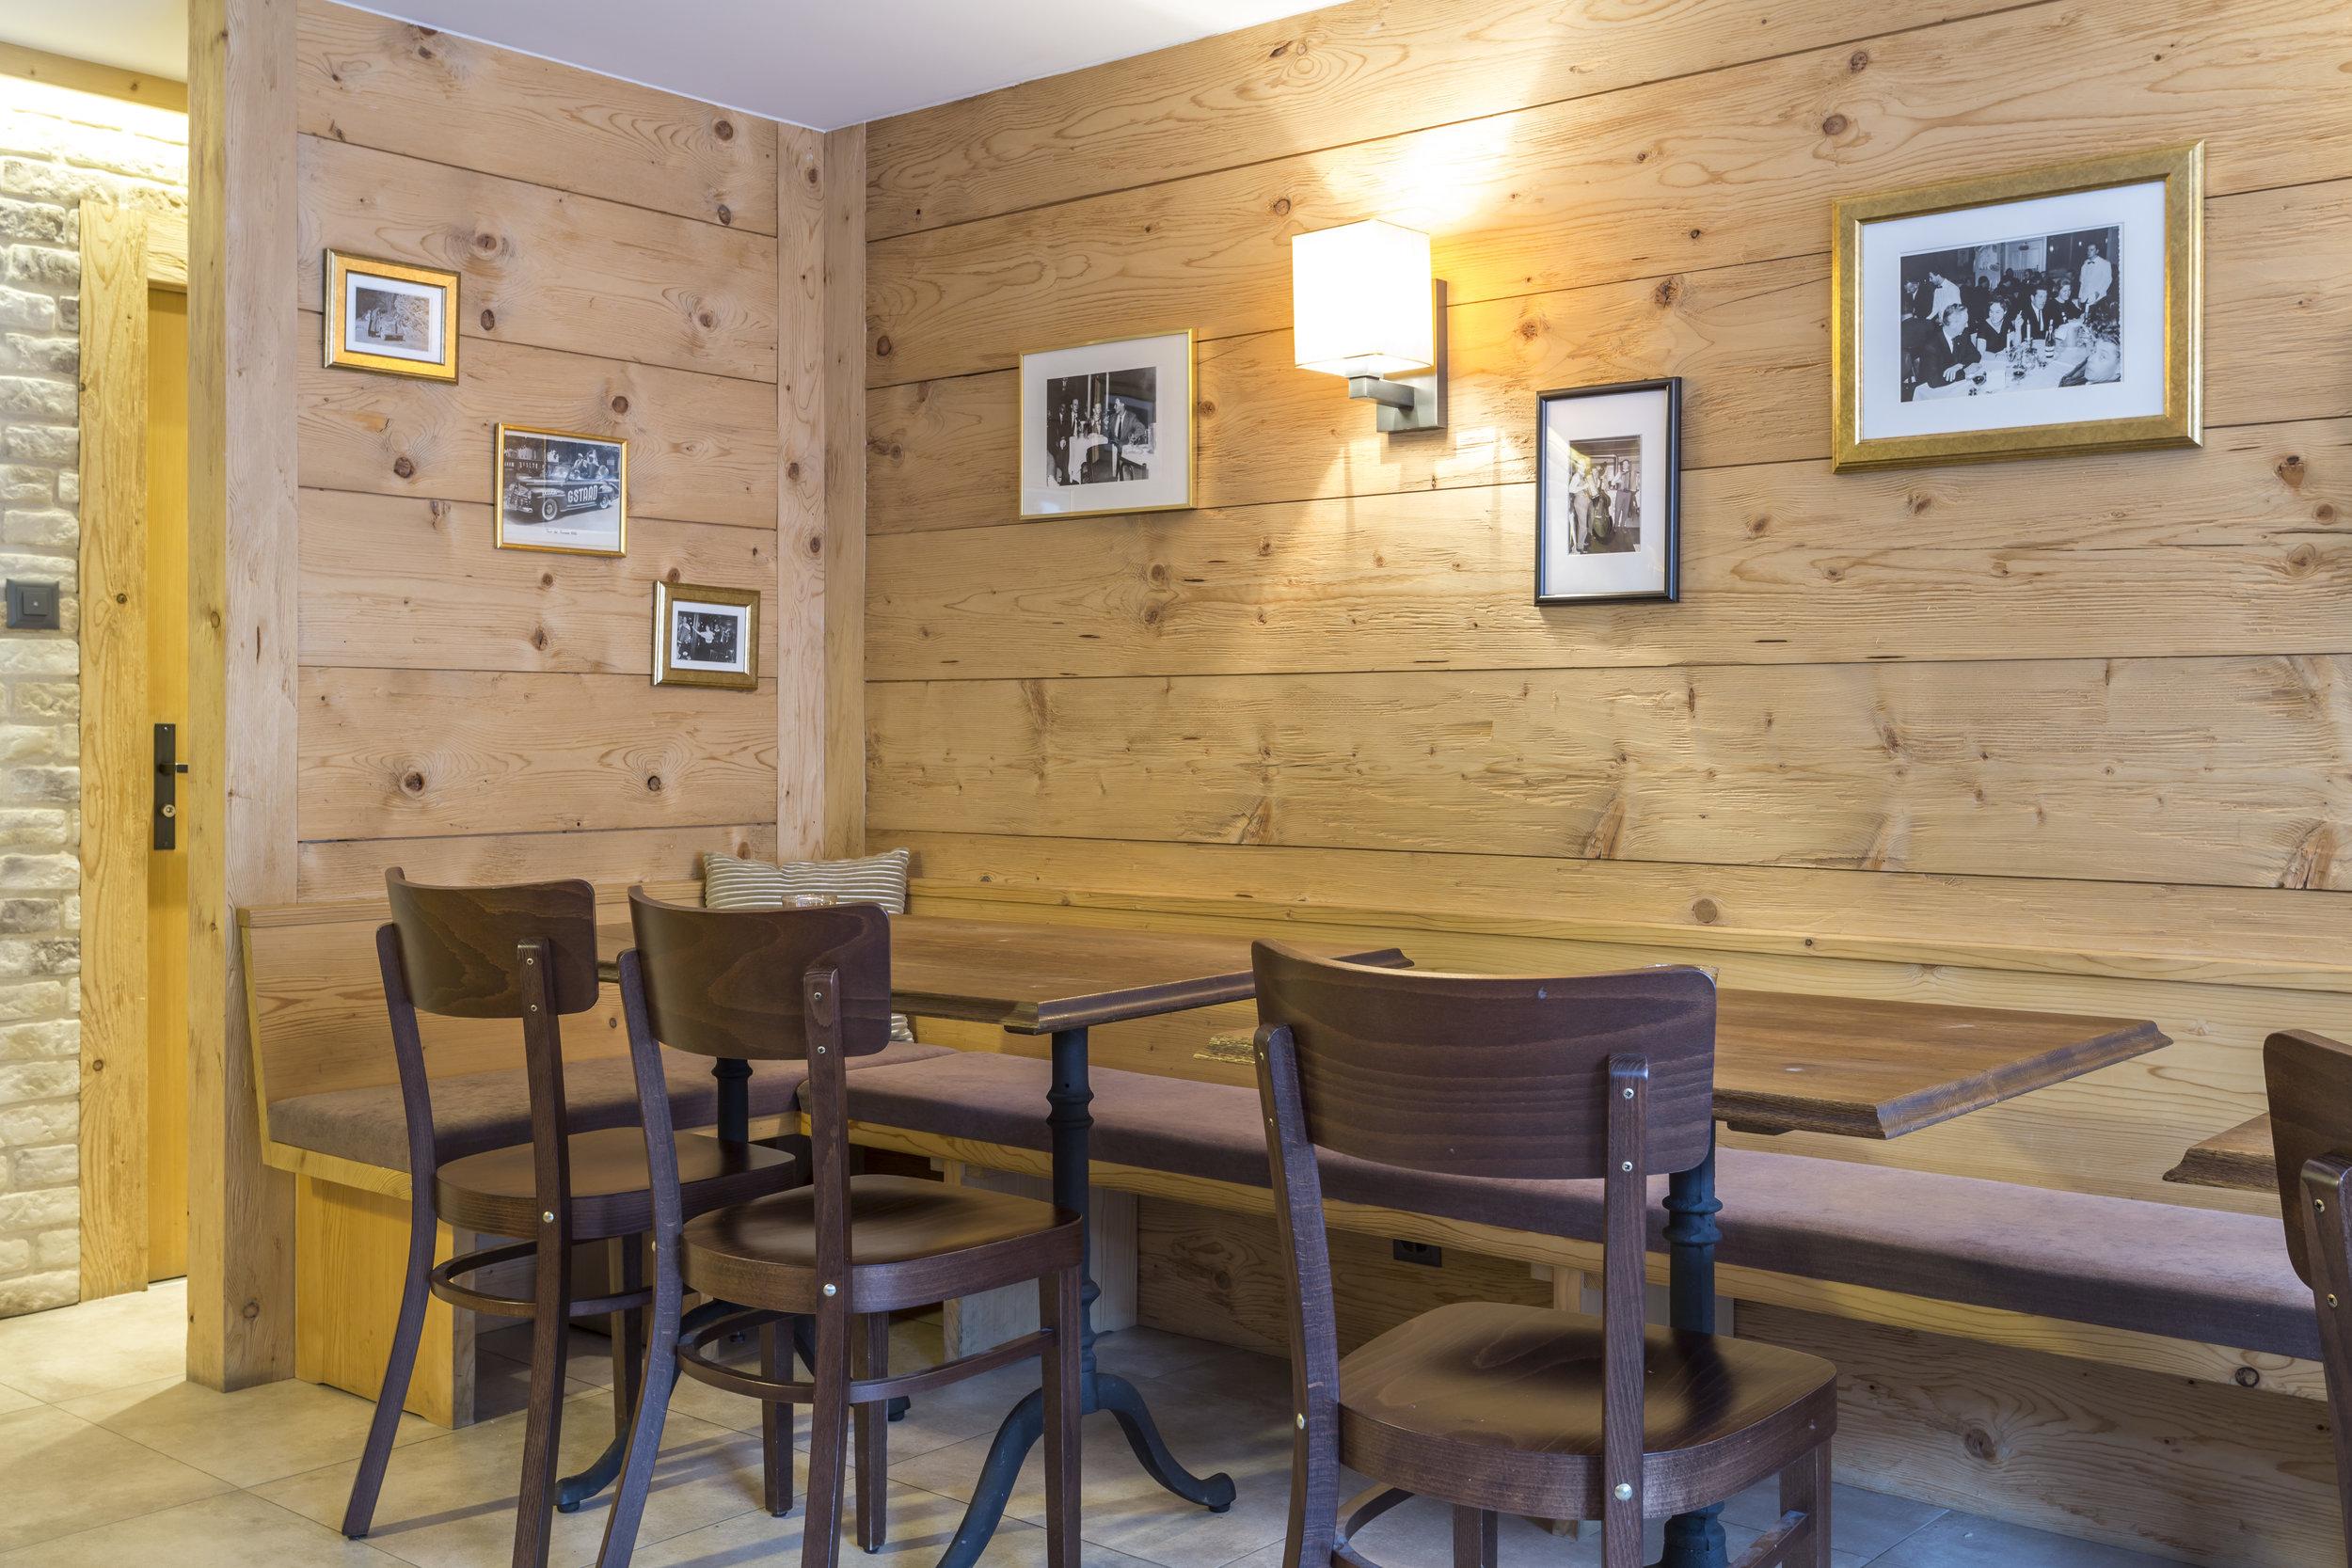 Sie können Ihre Getränke und Speisen draussen geniessen auf gemütlichen Bänken oder drinnen im Tea-Room.